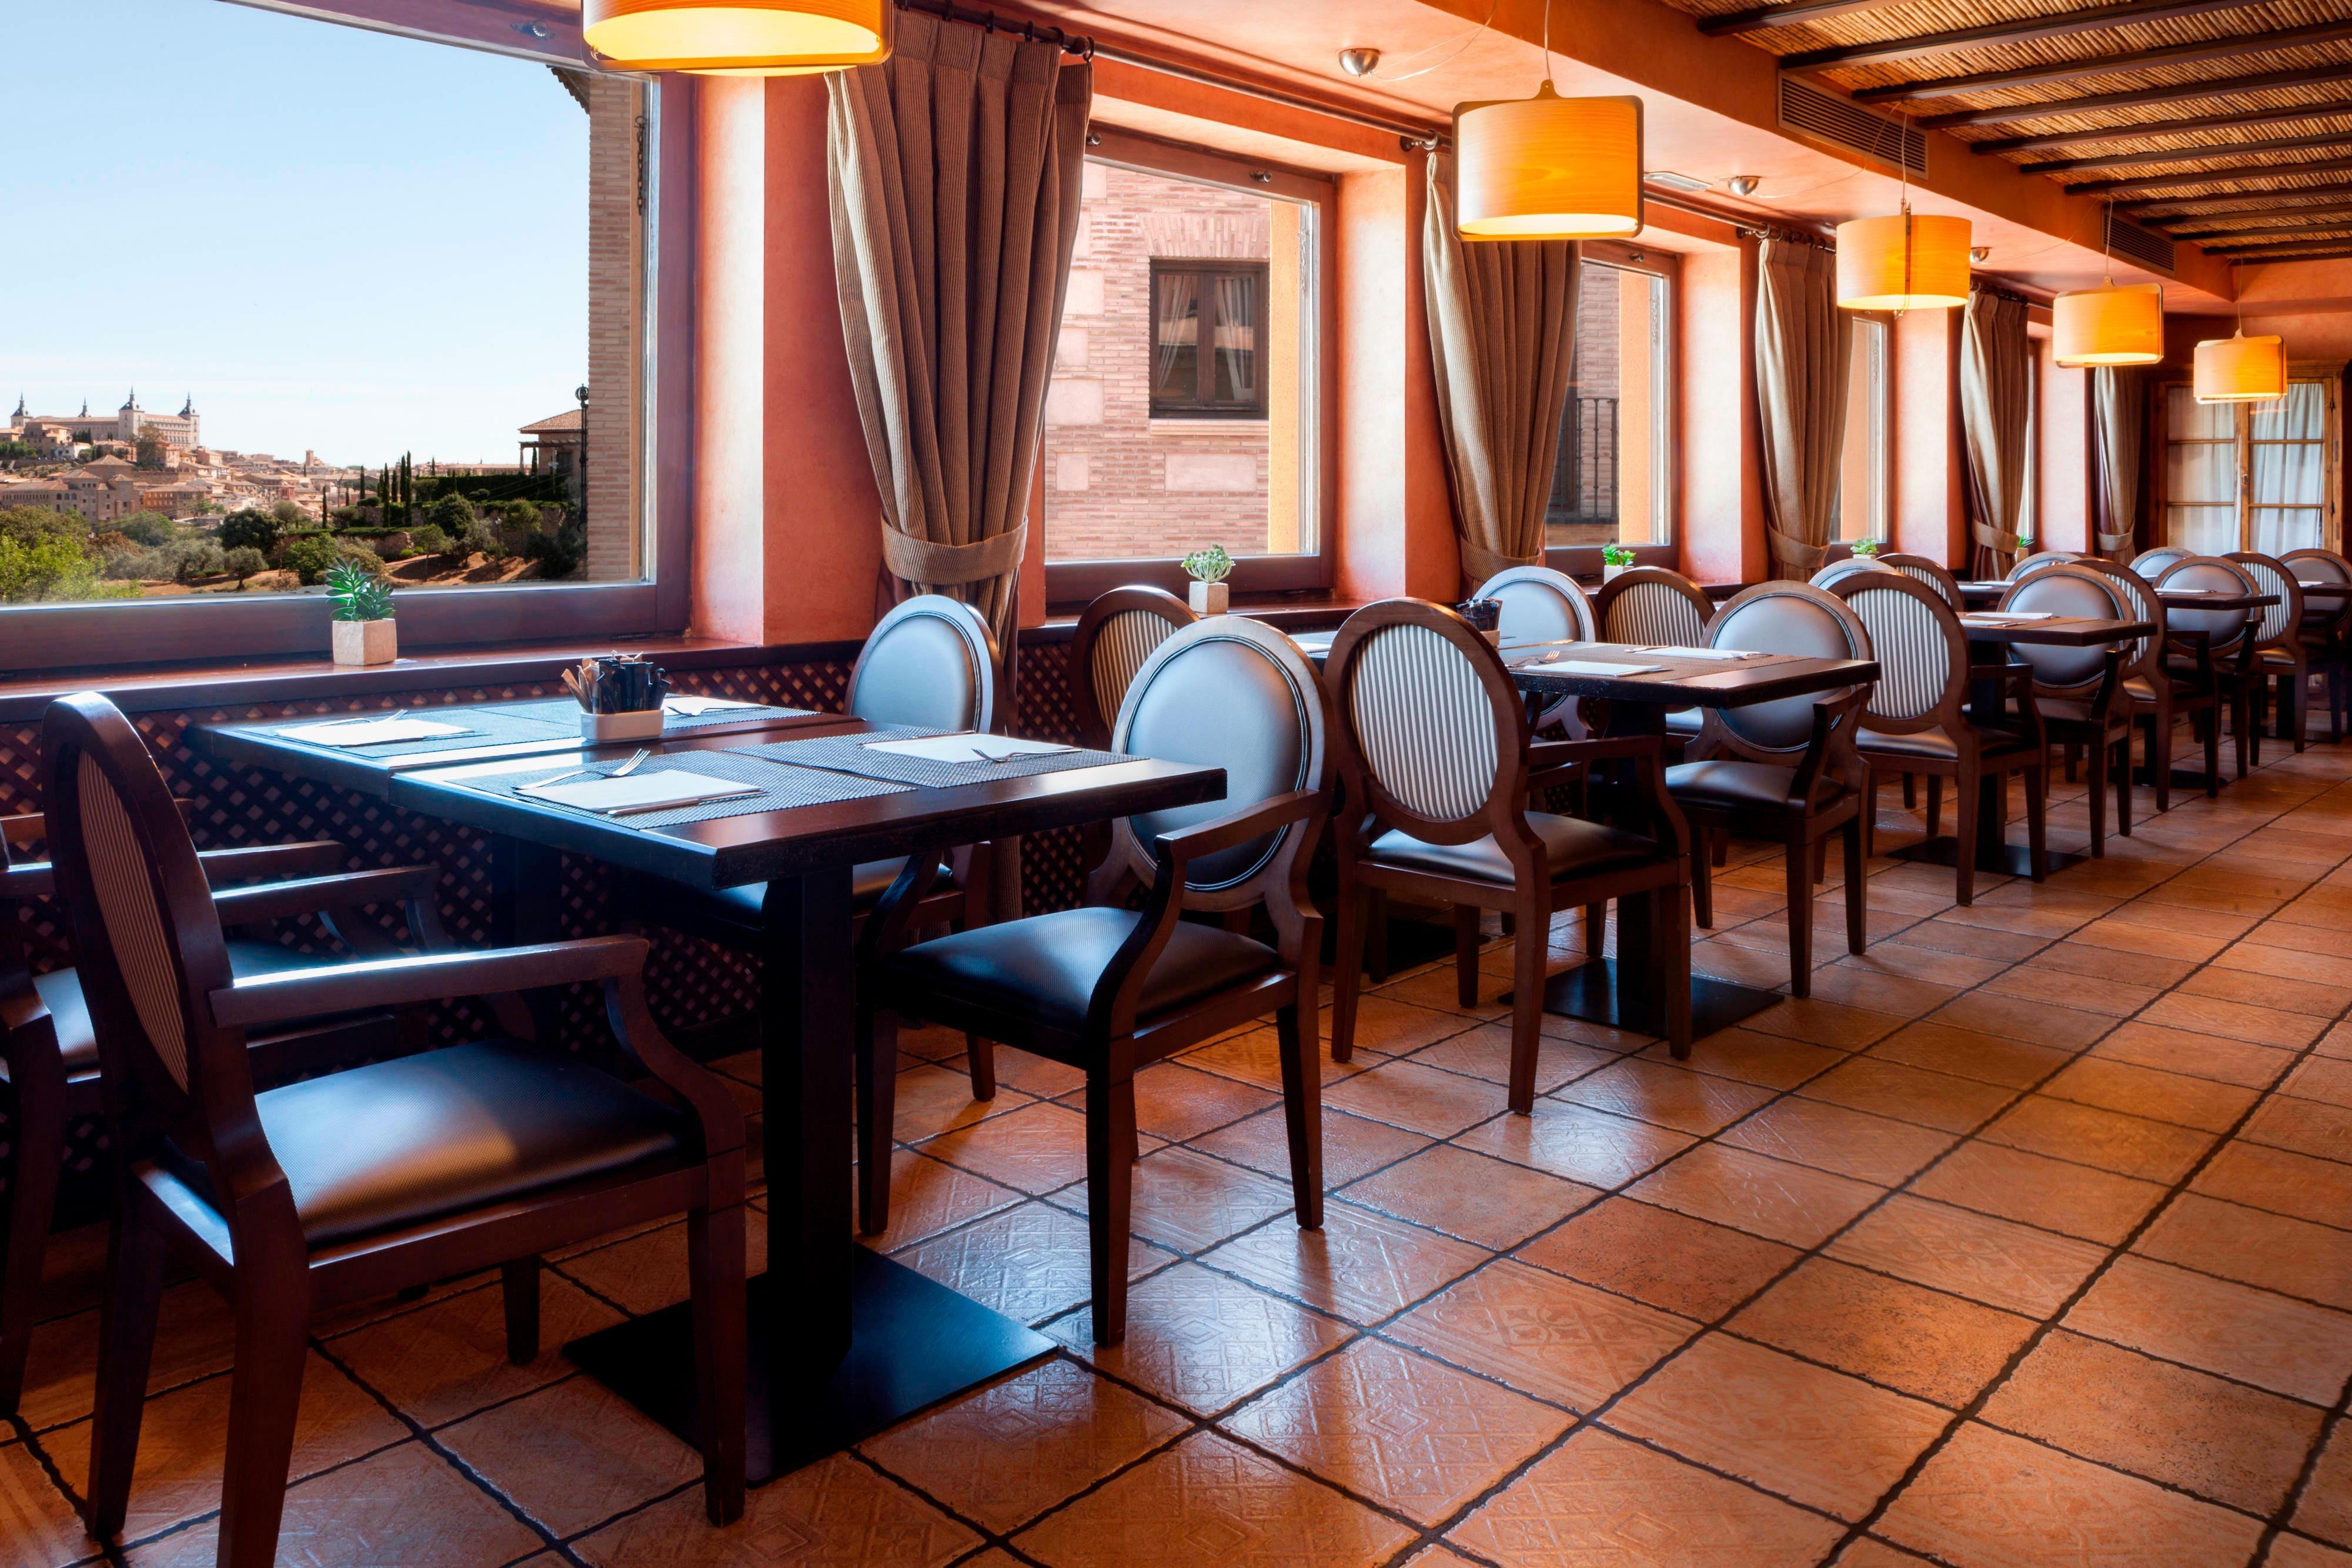 Breakfast in Toledo Hotel